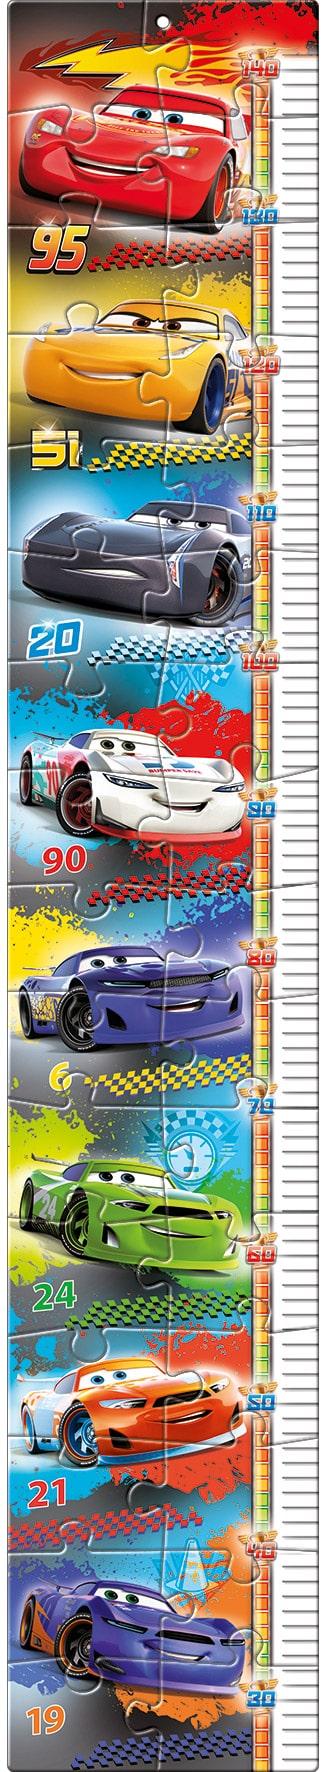 Cars Clementoni Kinderpuzzelv groeimeter auto's